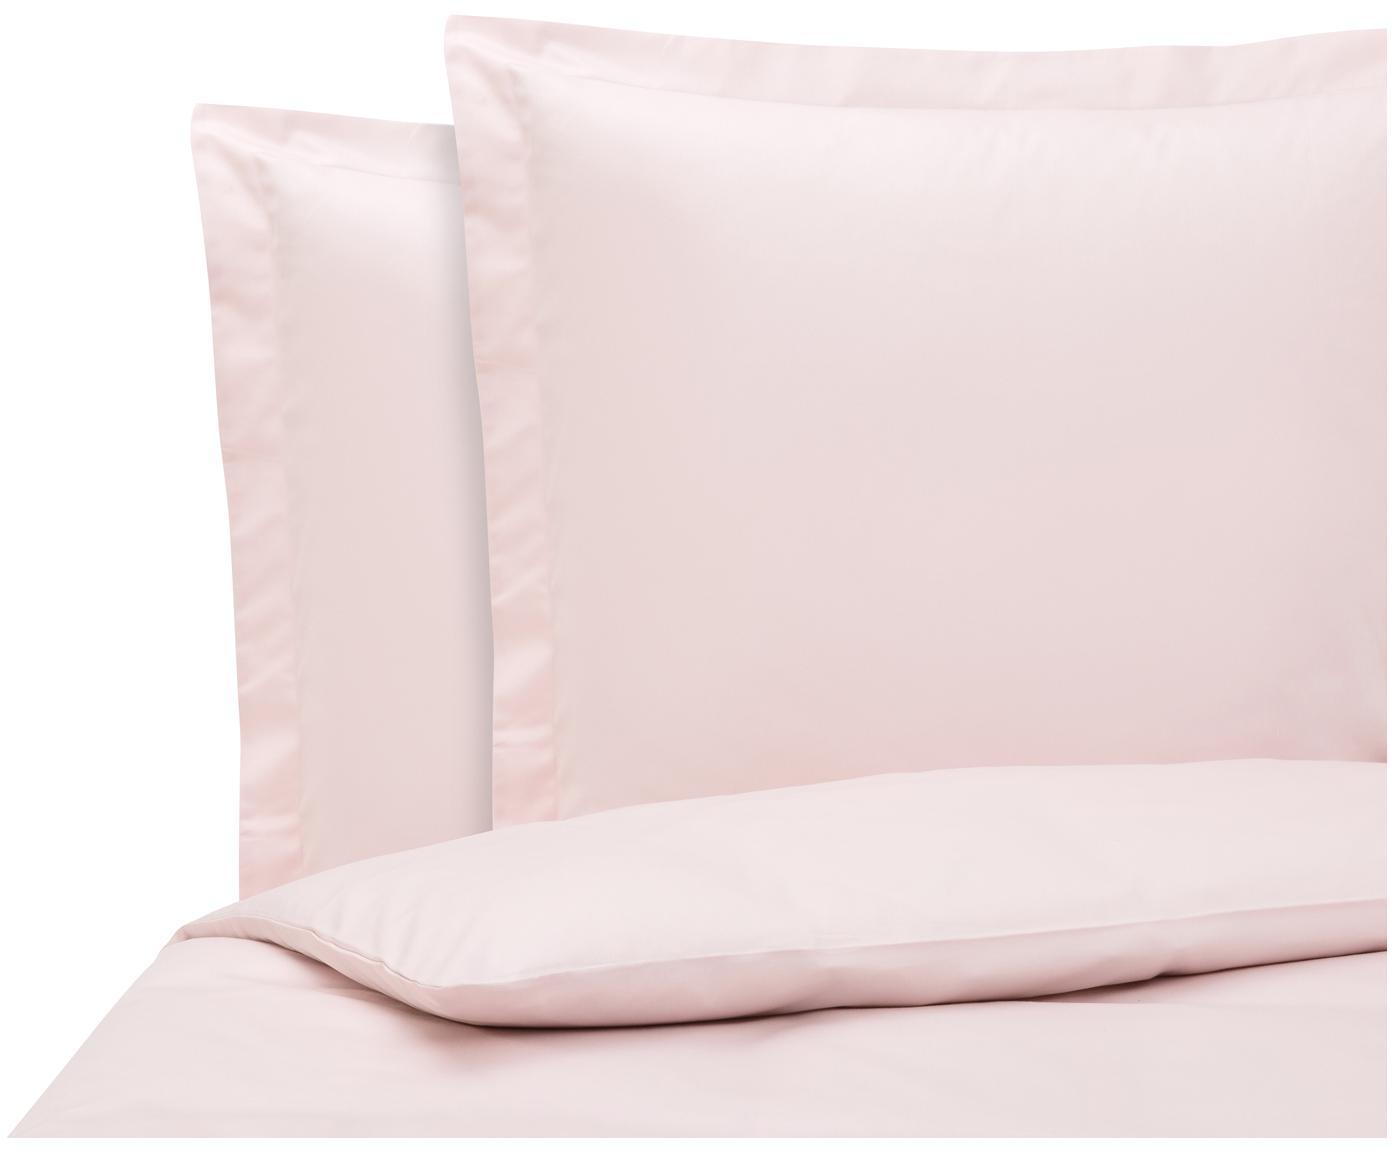 Baumwollsatin-Bettwäsche Premium in Rosa mit Stehsaum, Webart: Satin Fadendichte 400 TC,, Rosa, 200 x 200 cm + 2 Kissen 80 x 80 cm